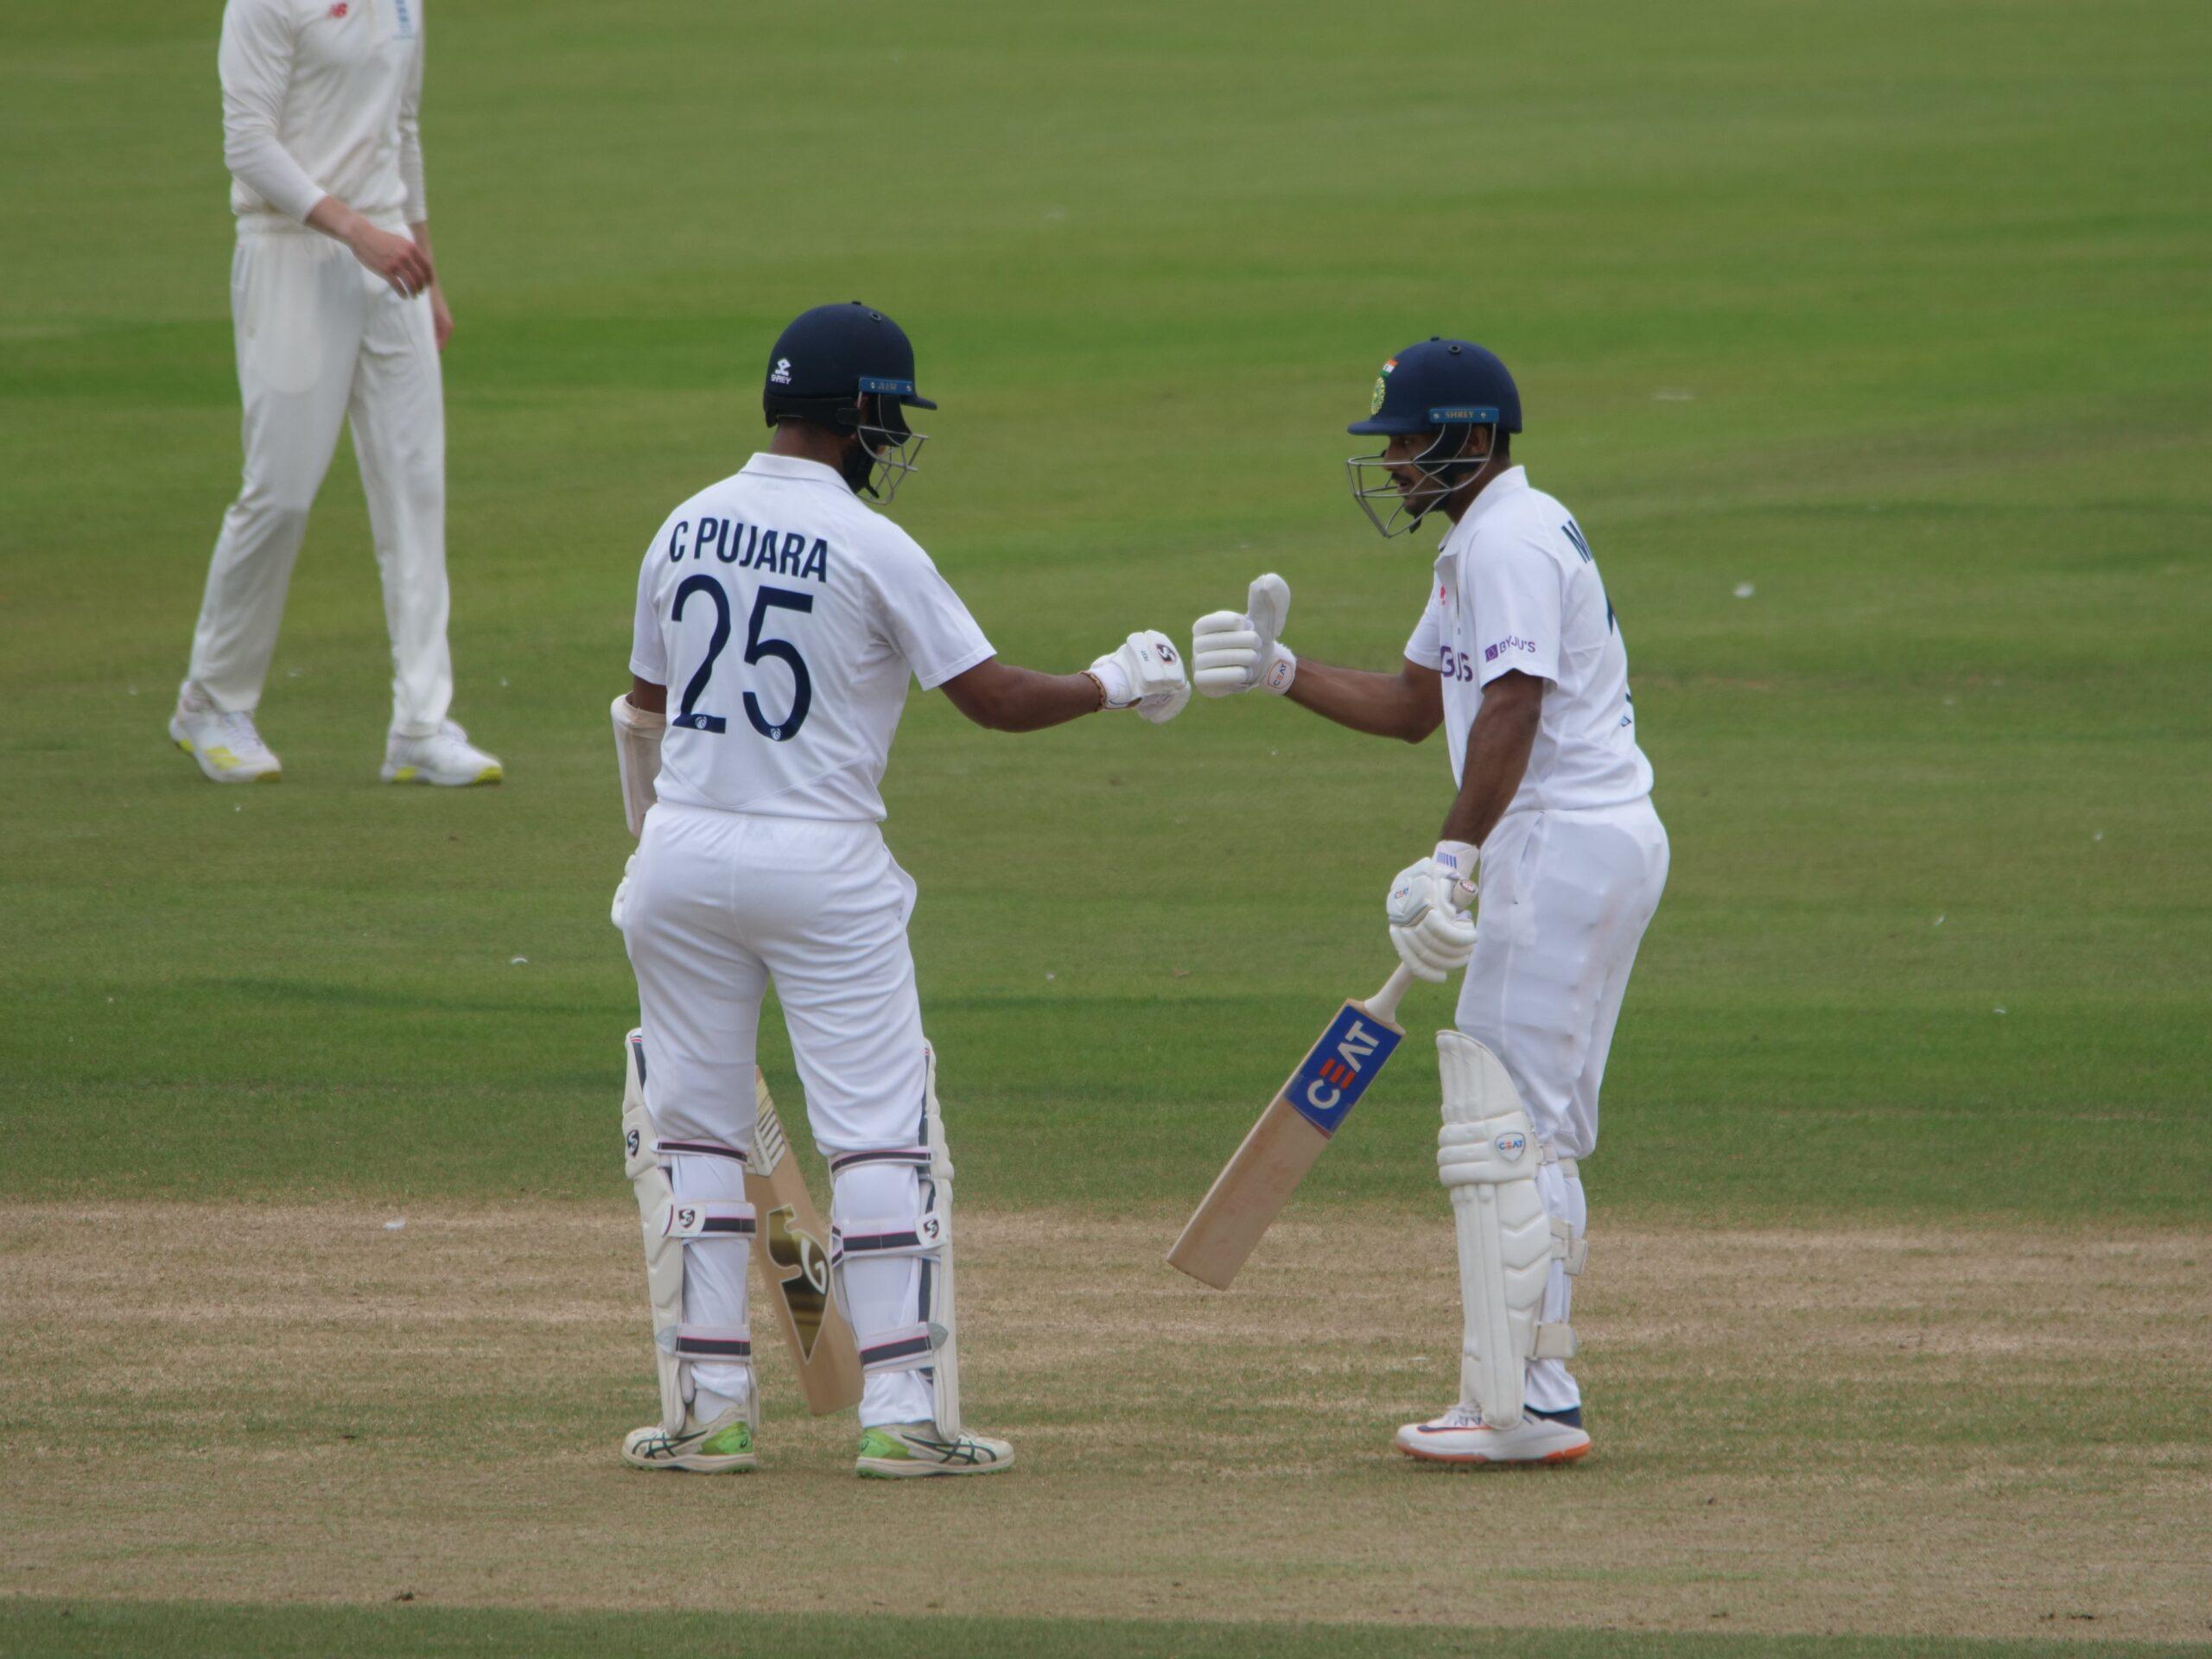 भारत और काउंटी इलेवन के खिलाफ मैच हुआ ड्रा, रविन्द्र जडेजा ने पक्की की टीम में अपनी जगह 4